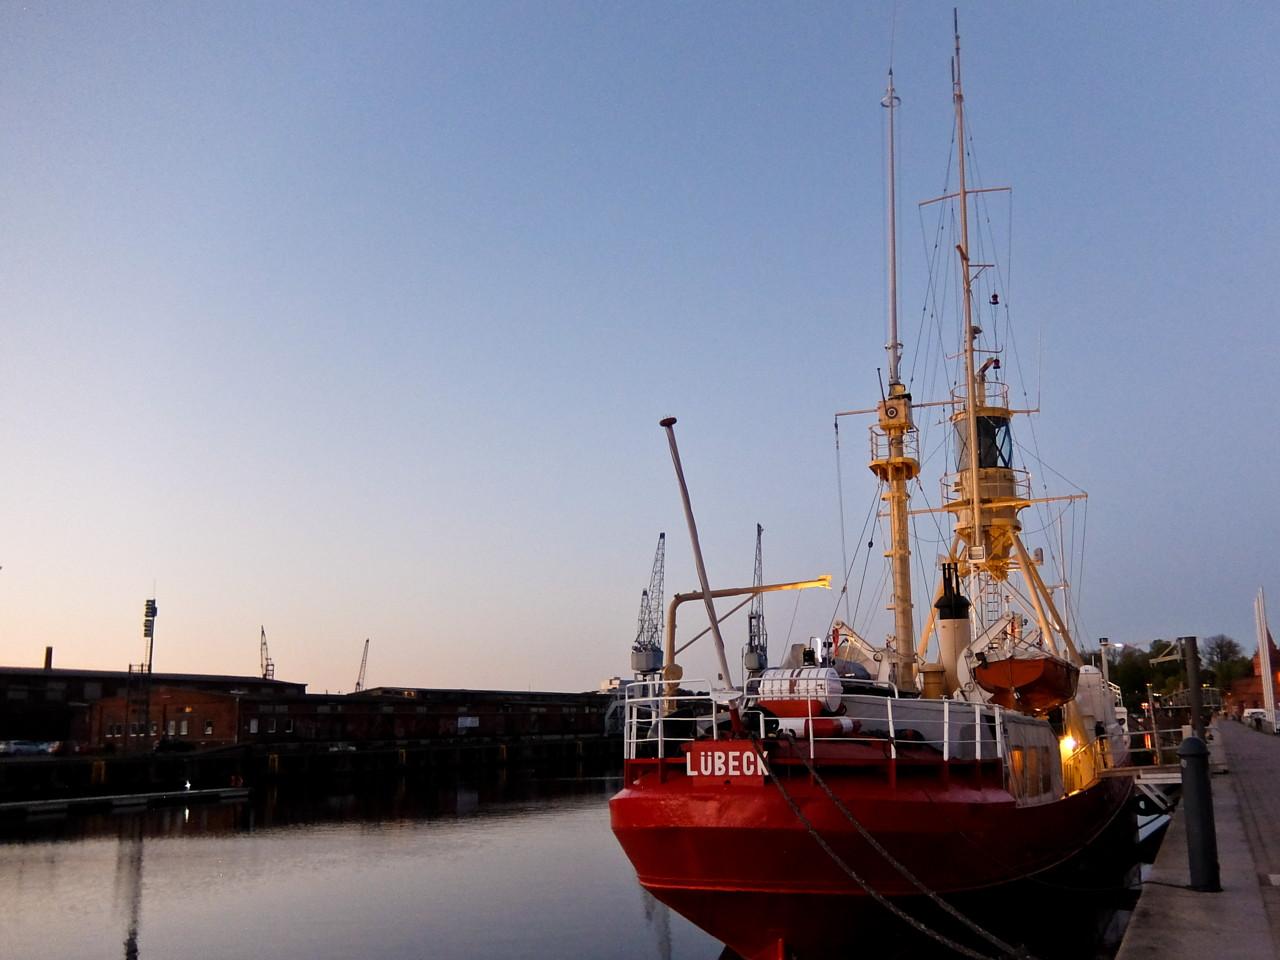 Dockside Lubeck